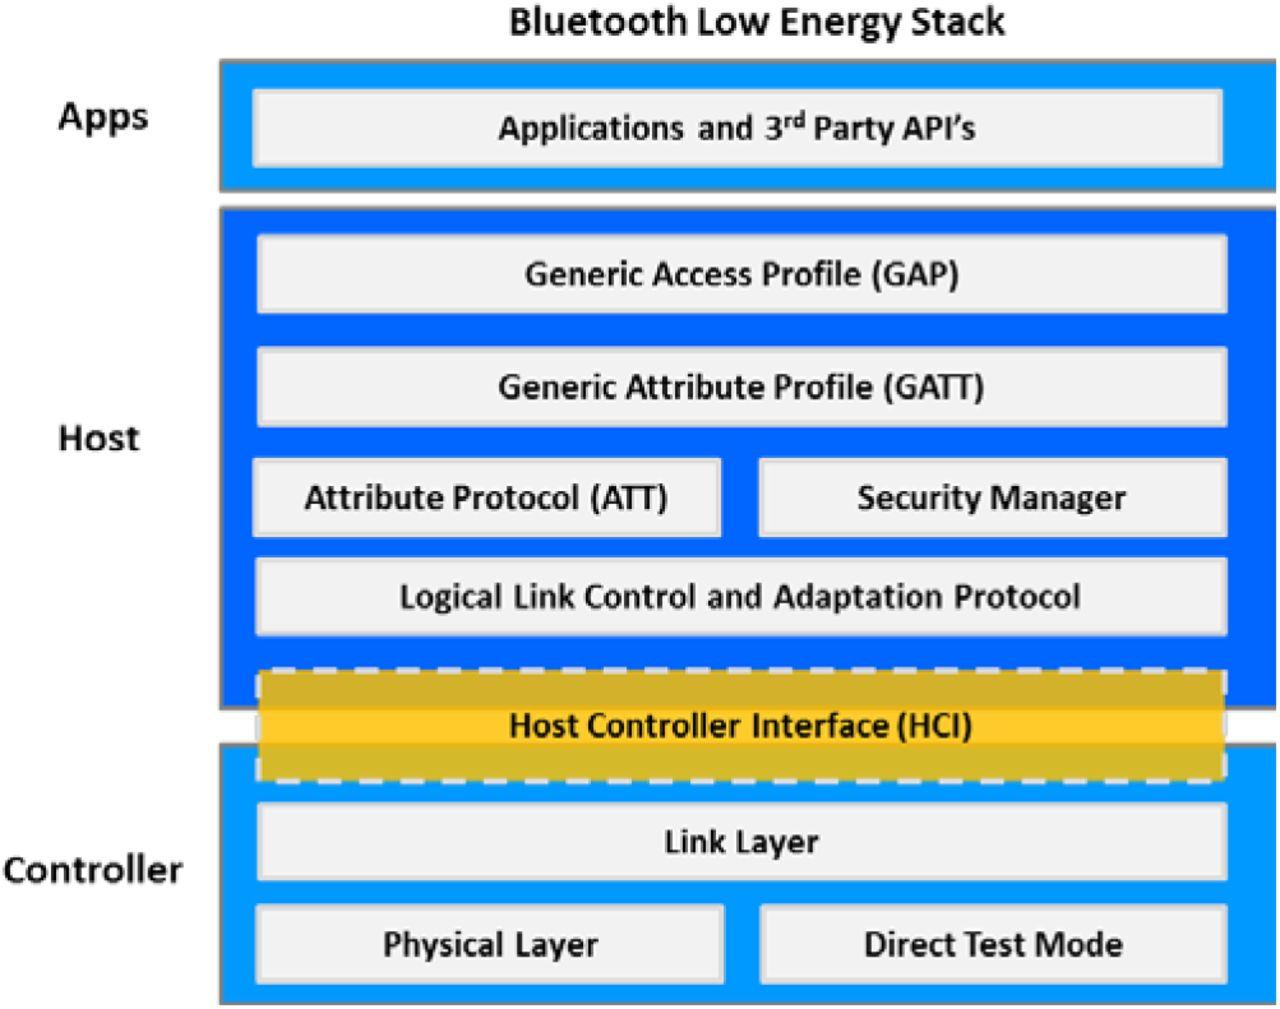 Towards an Open Data Framework for Body Sensor Networks